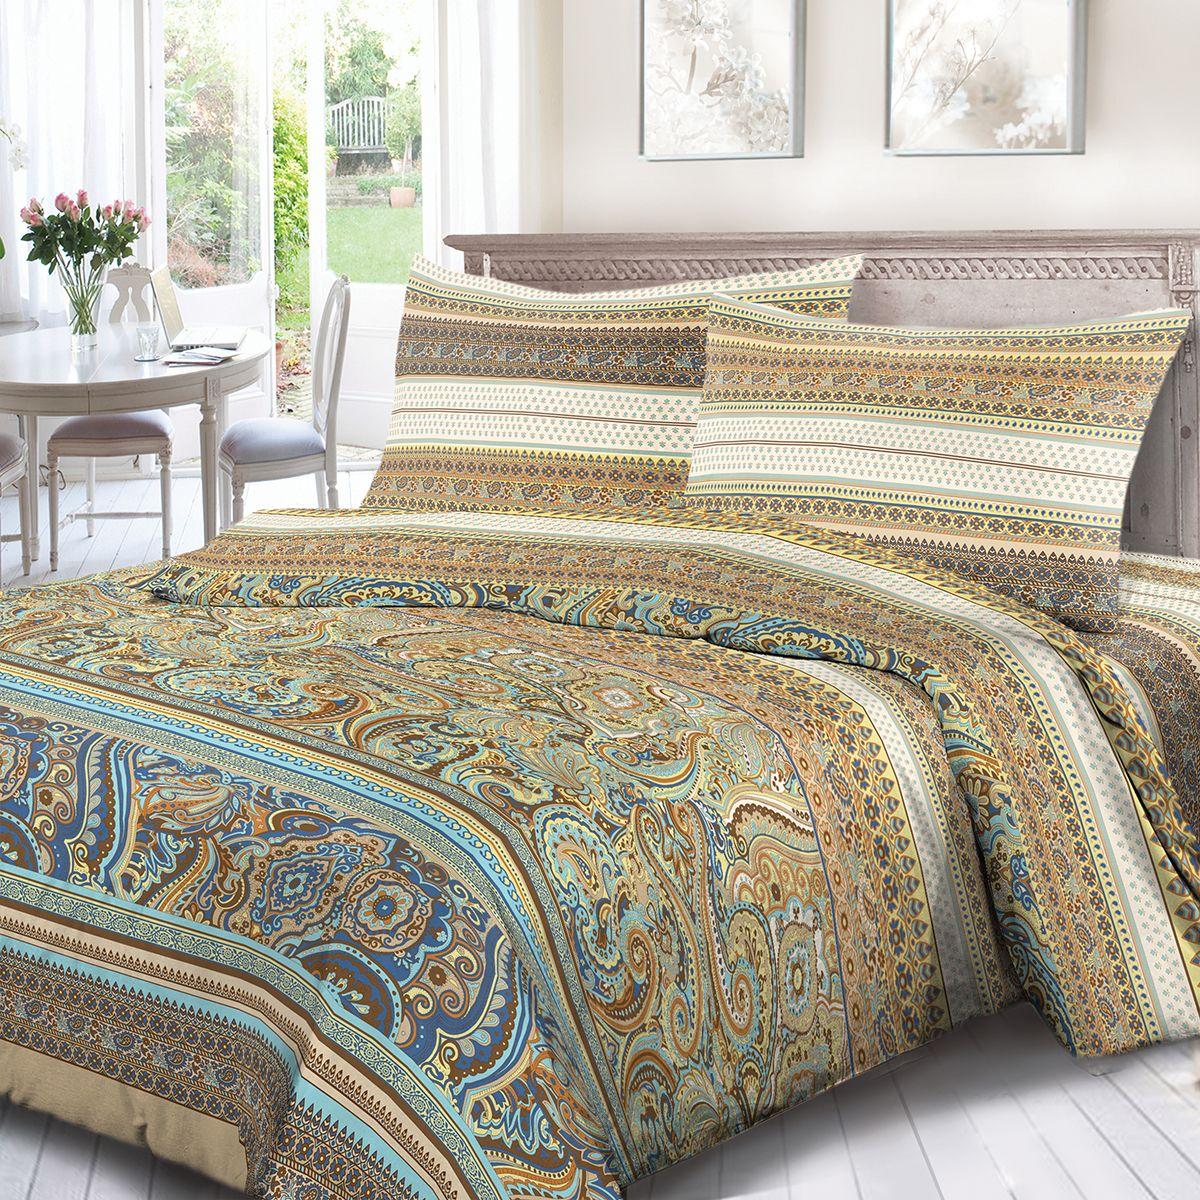 Комплект белья Сорренто Измир, 1,5 спальное, наволочки 70x70, цвет: разноцветный. 4126-190437